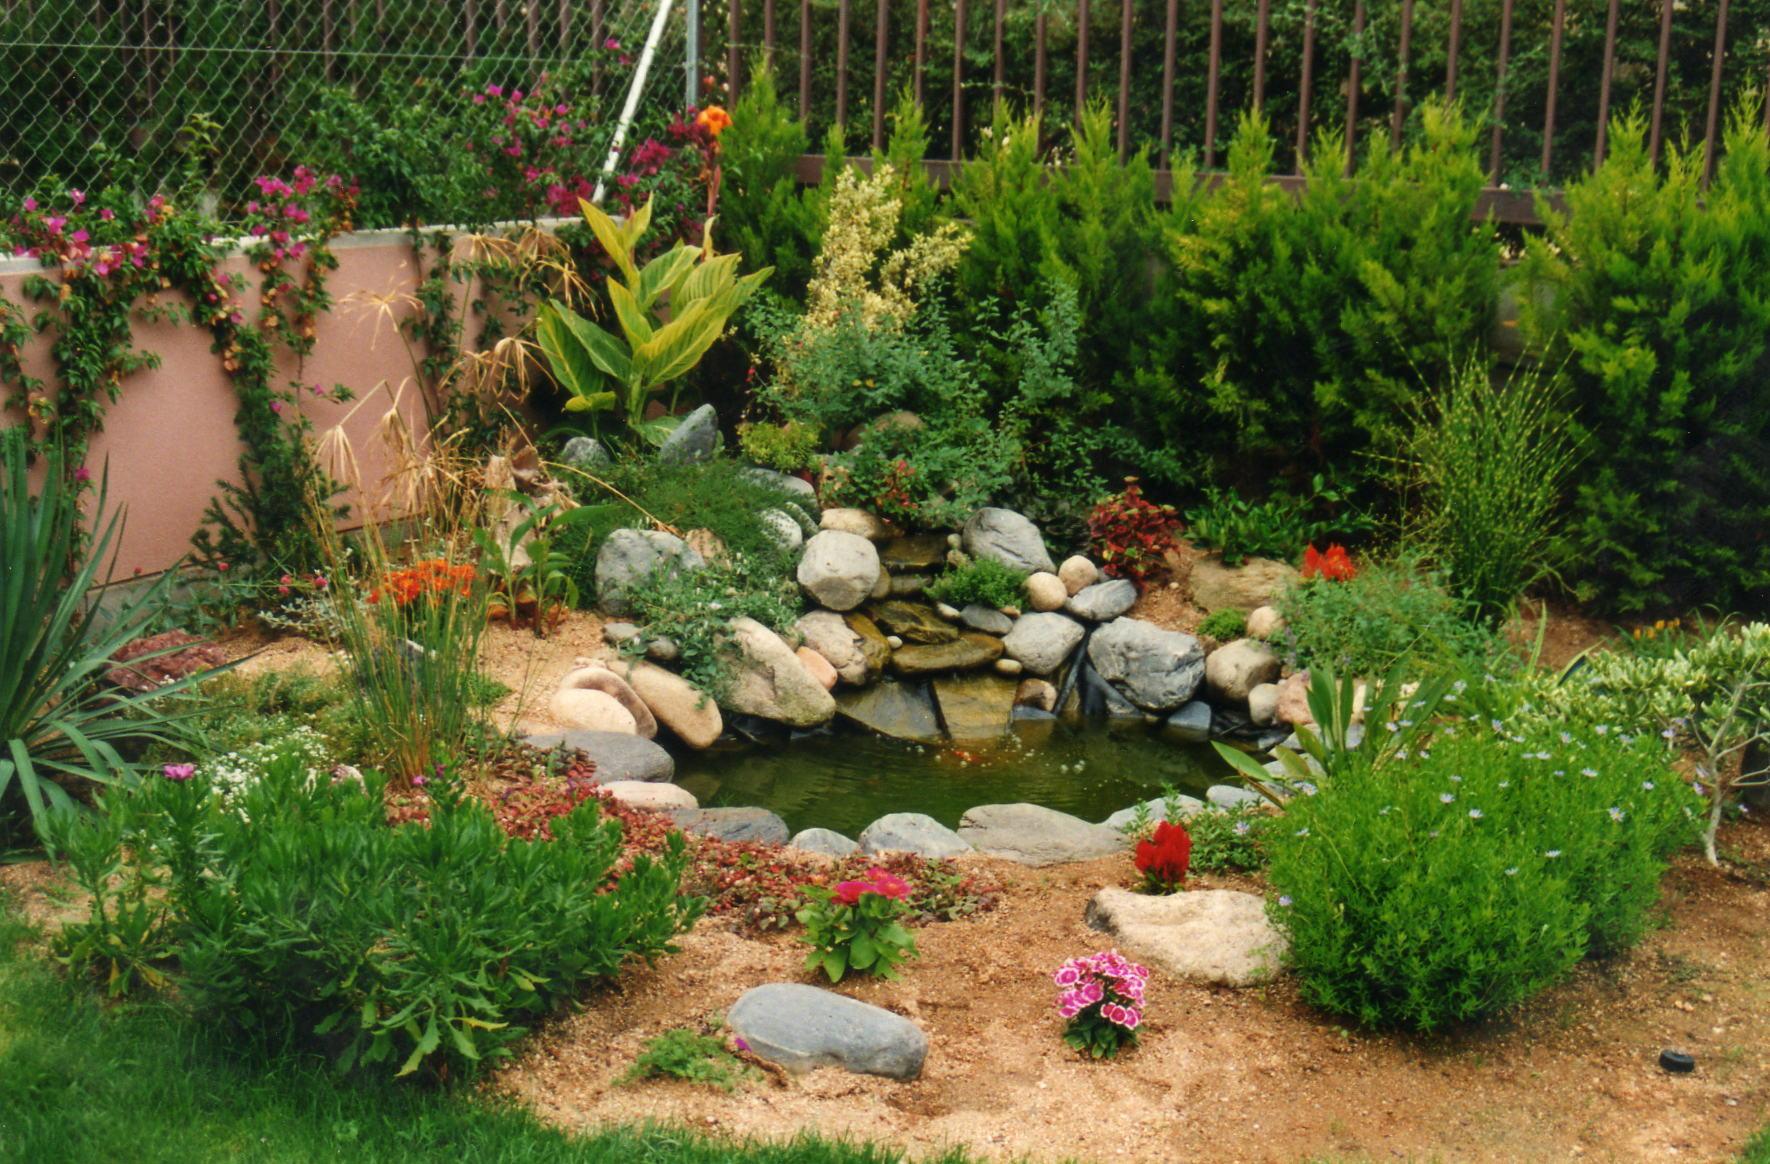 Composiciones jordi pujol jardiner - Composiciones de fotos ...